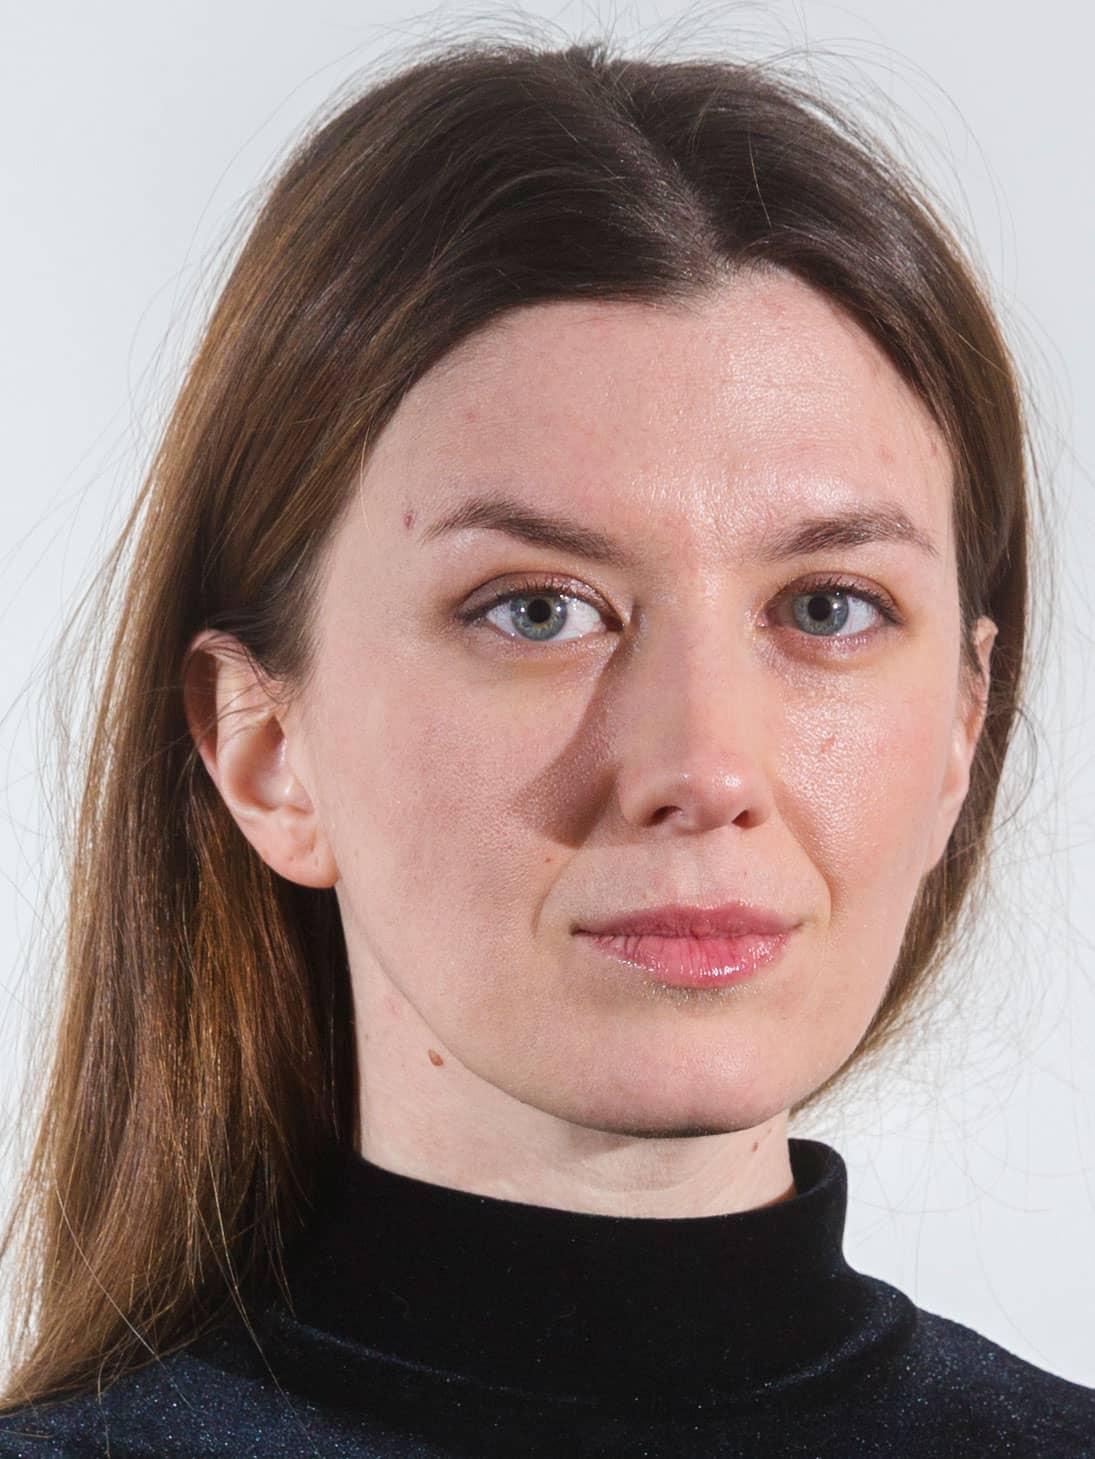 Aldijana Talic